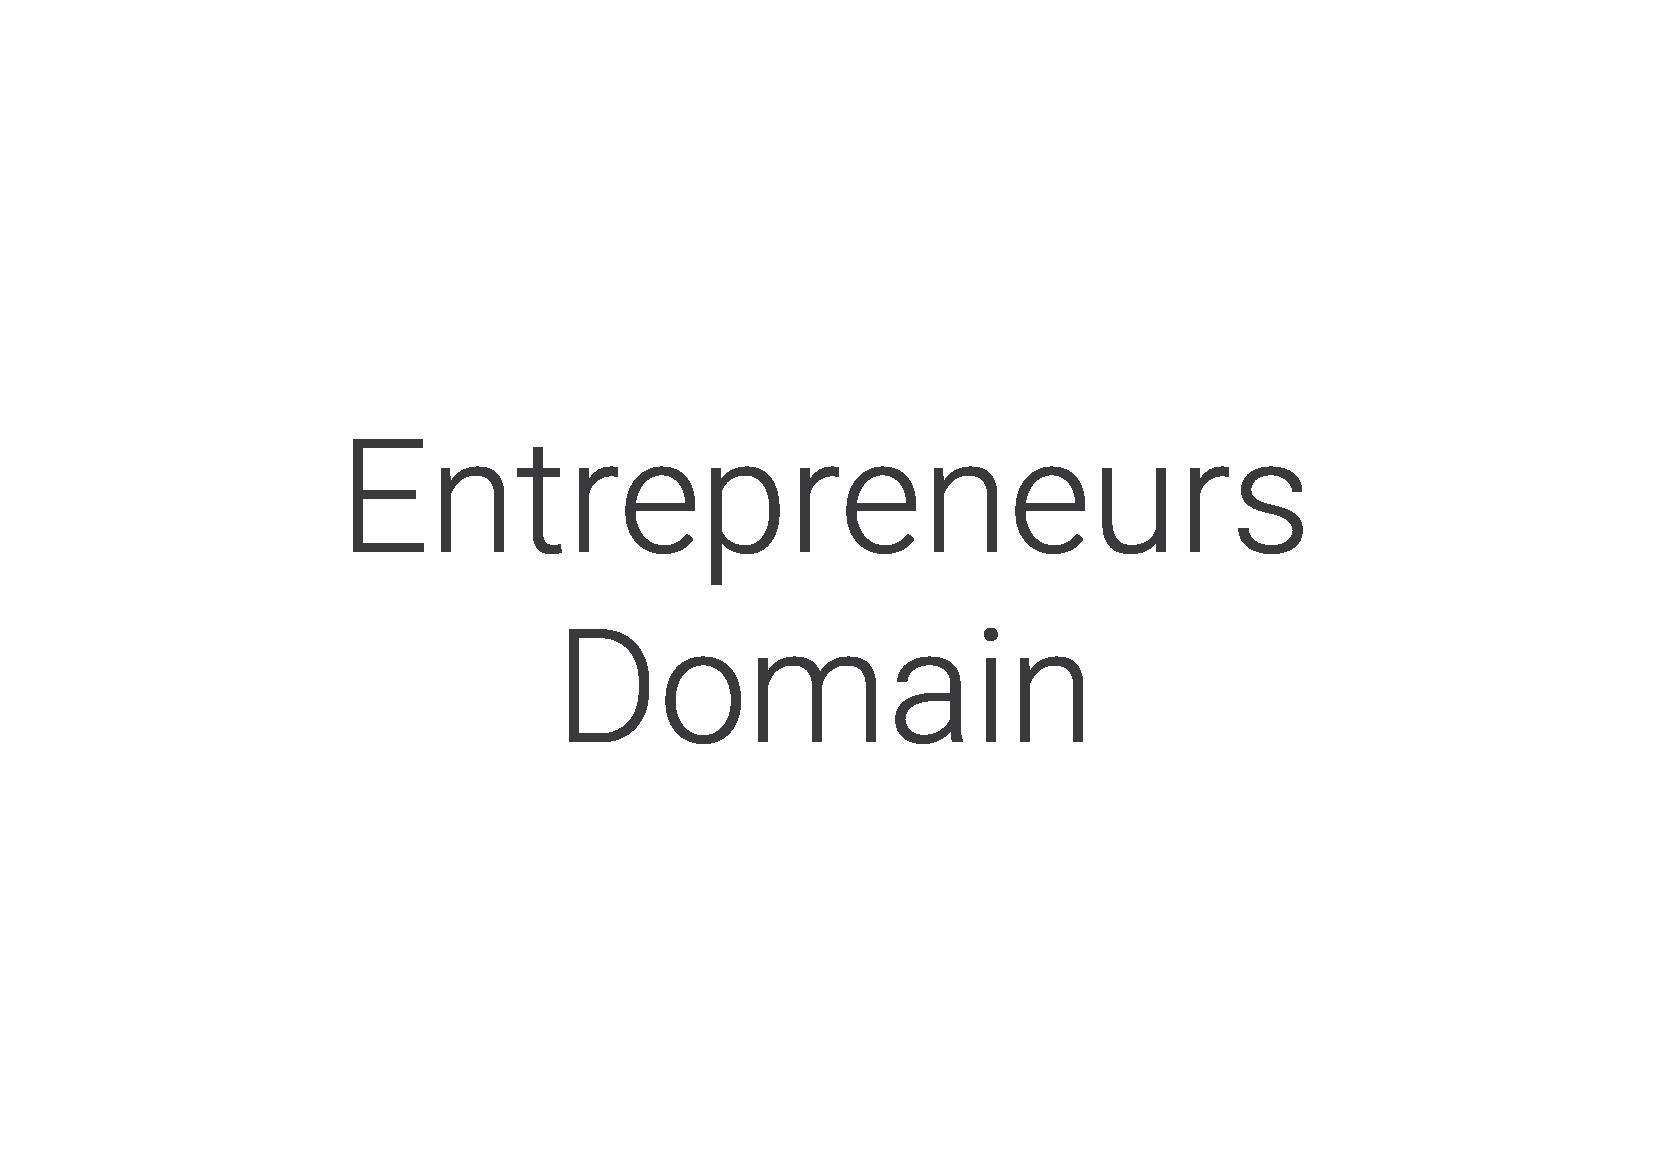 Entrepreneurs Domain